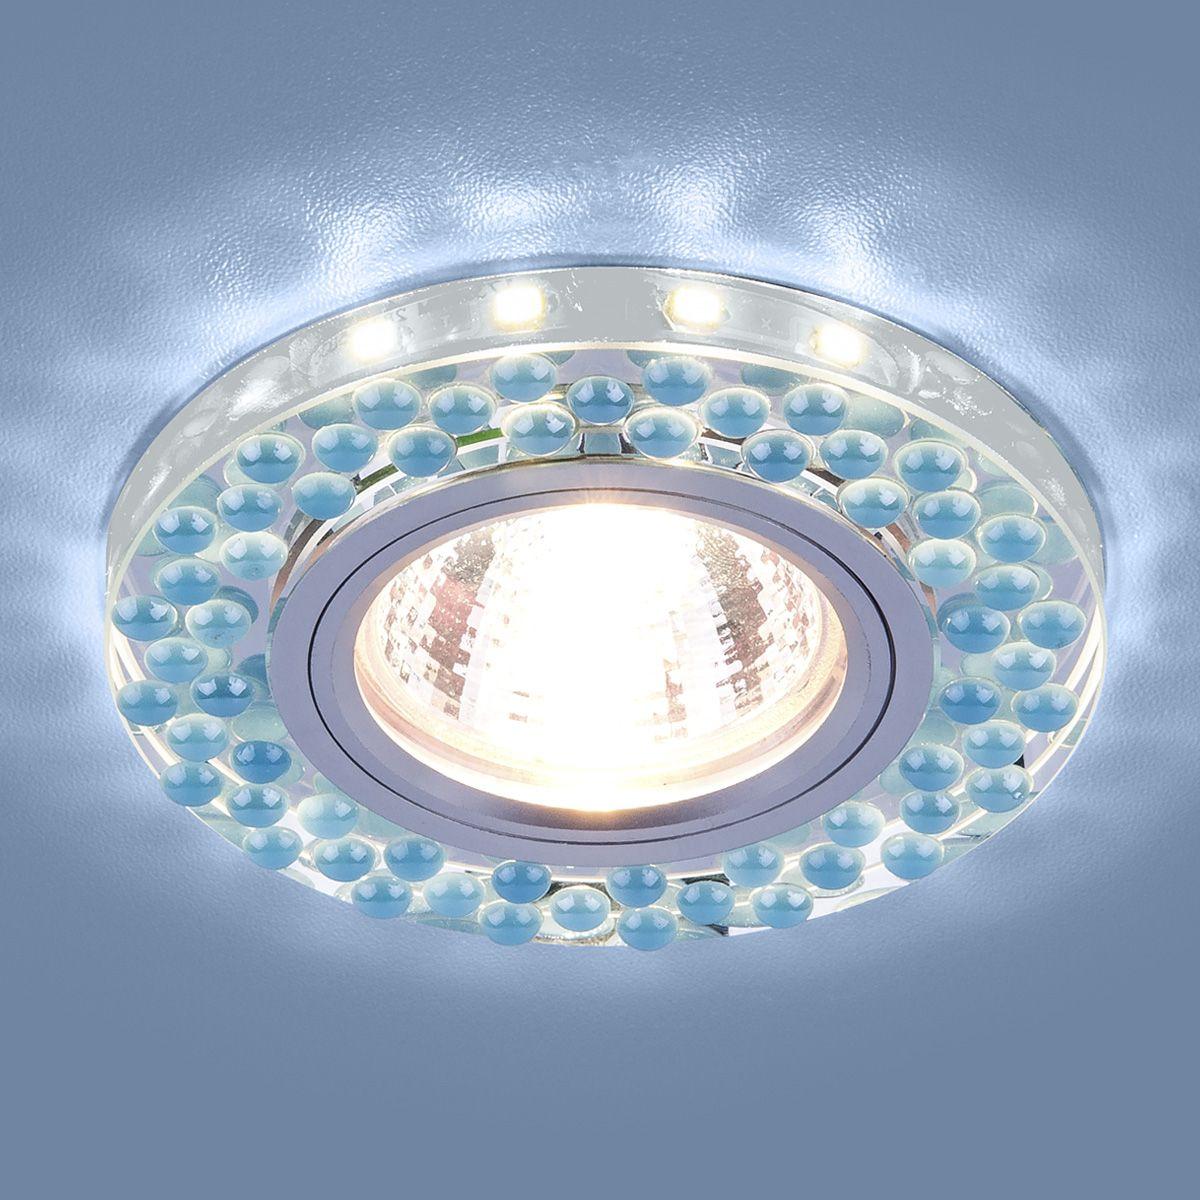 Точечный светильник с LED подсветкой 2194 MR16 SL/BL зеркальный/голубой